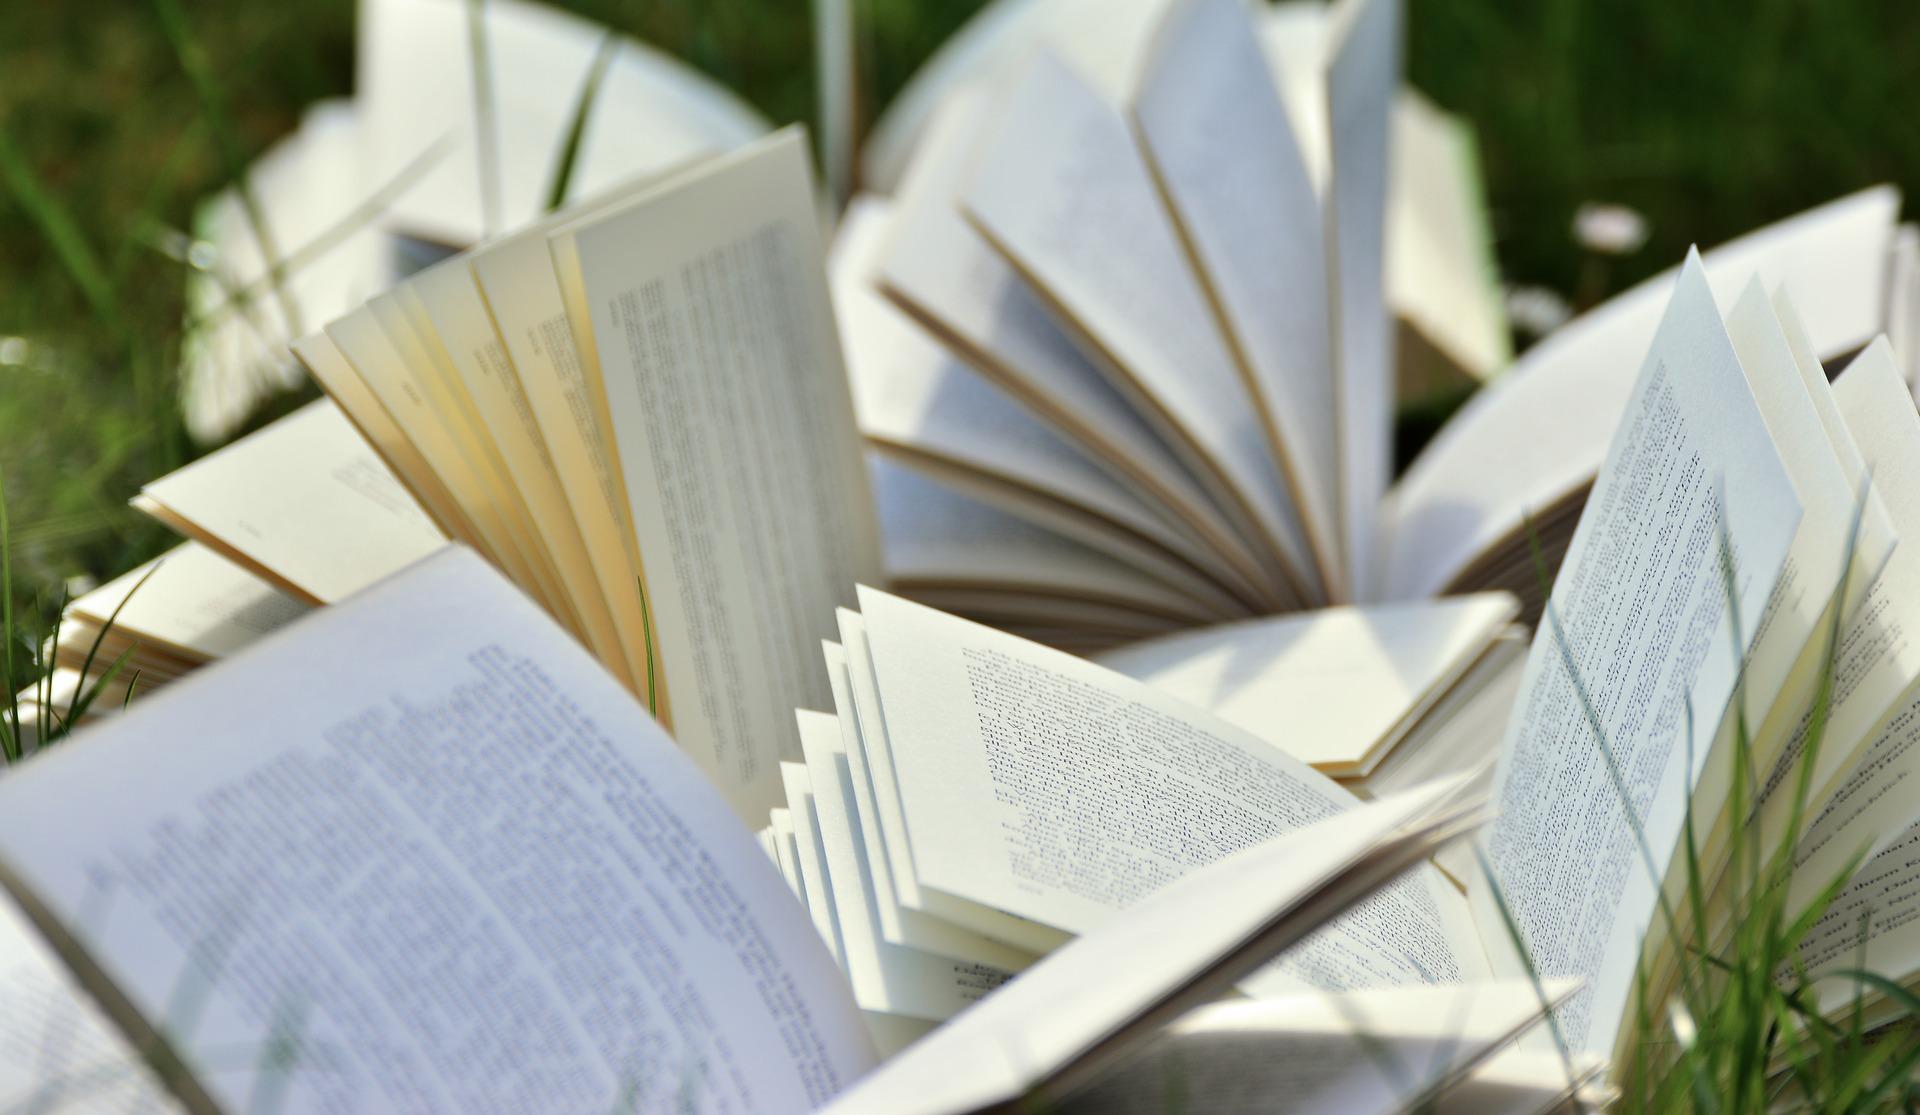 Homeschooling Curriculum - Books